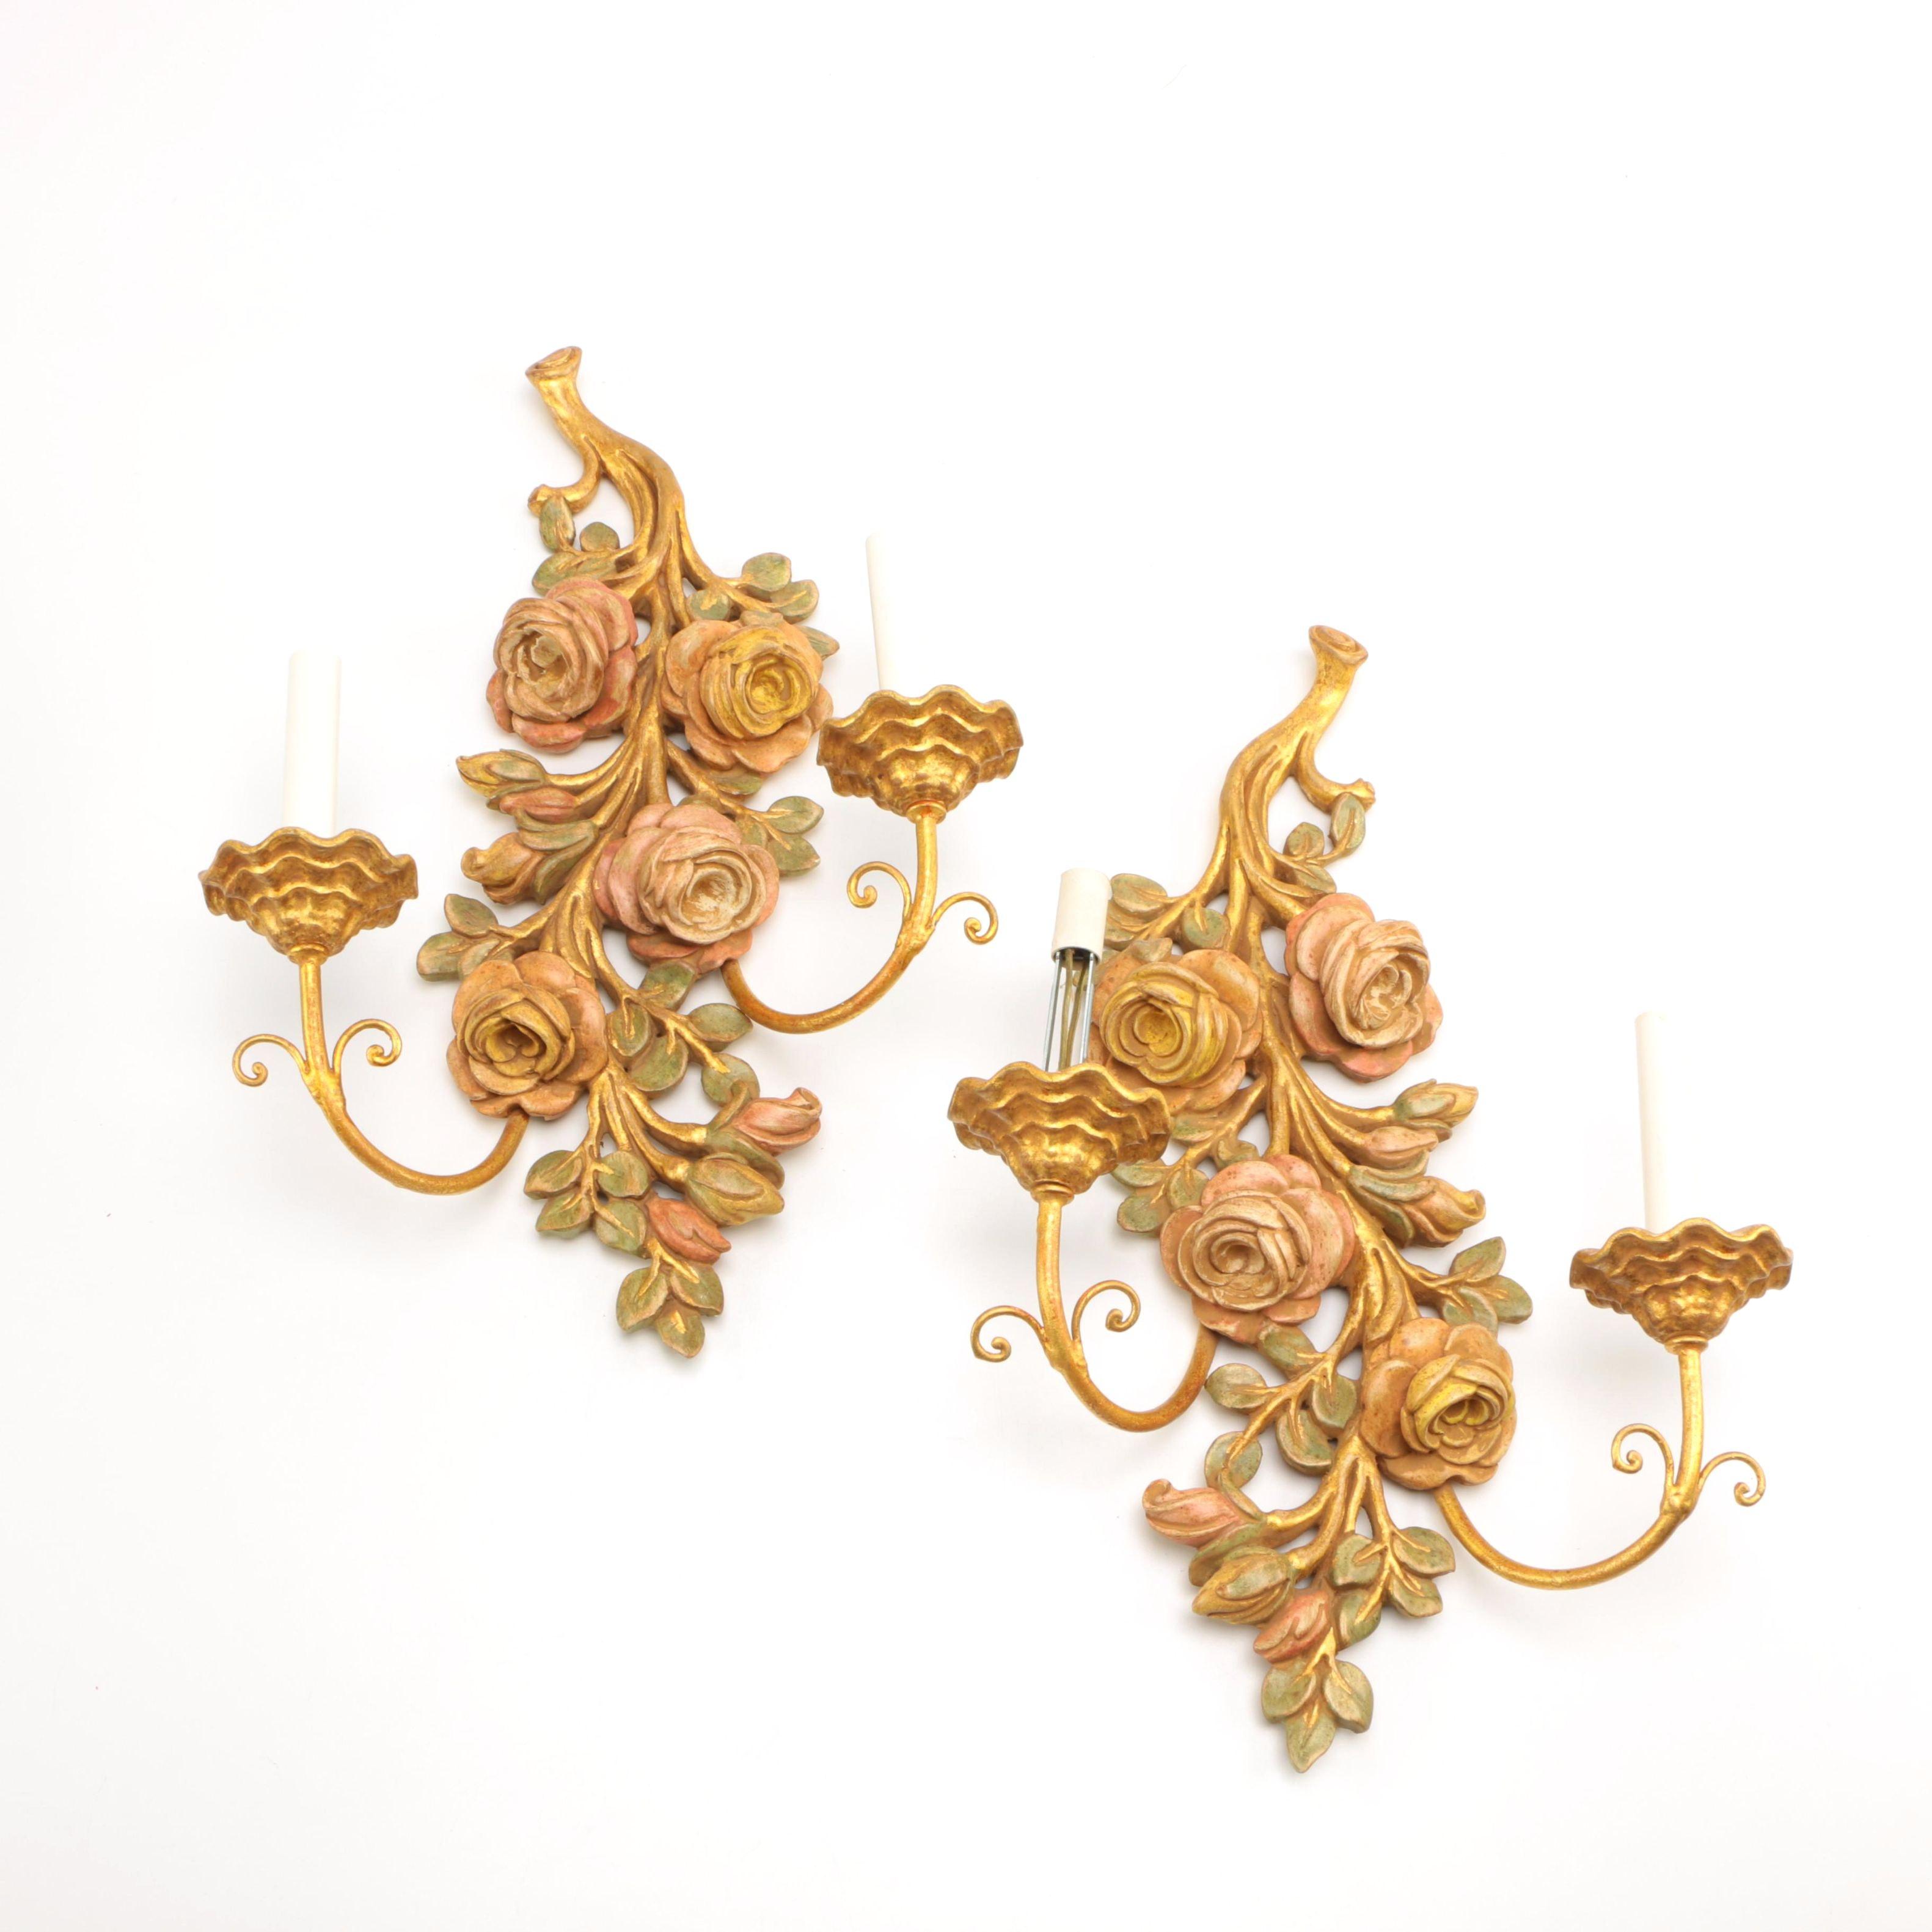 Hollywood Regency Floral Sconces